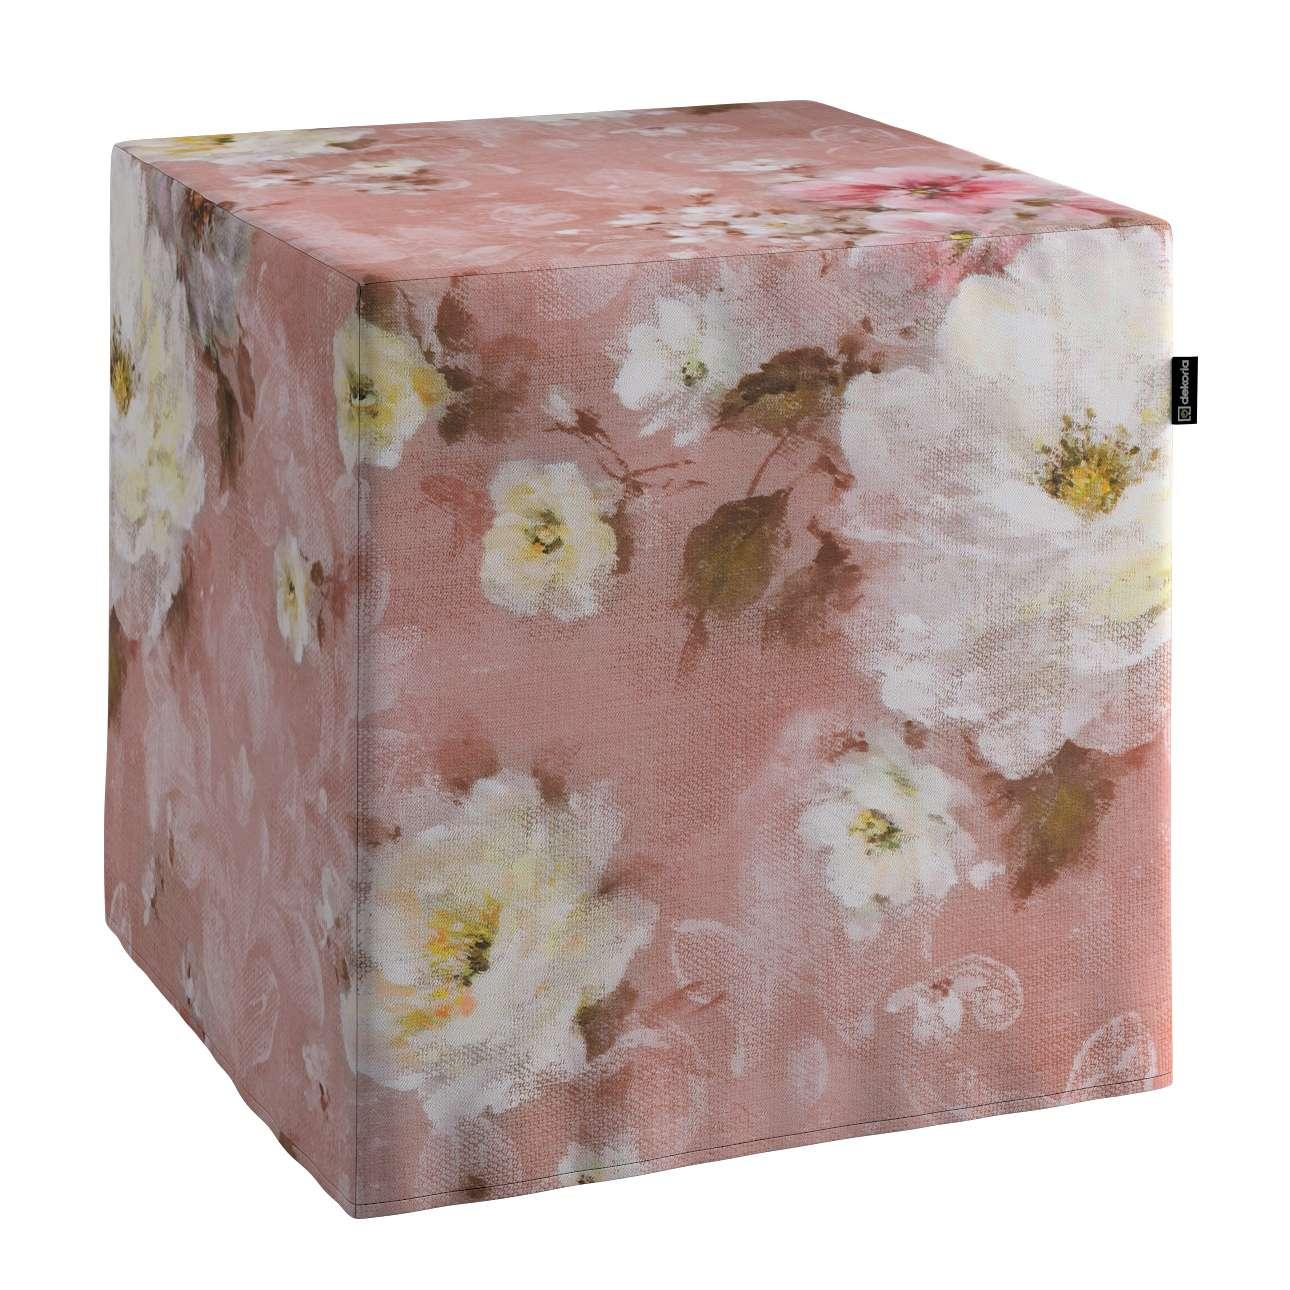 Sedák kostka - pevná 40x40x40 40 x 40 x 40 cm v kolekci Monet, látka: 137-83